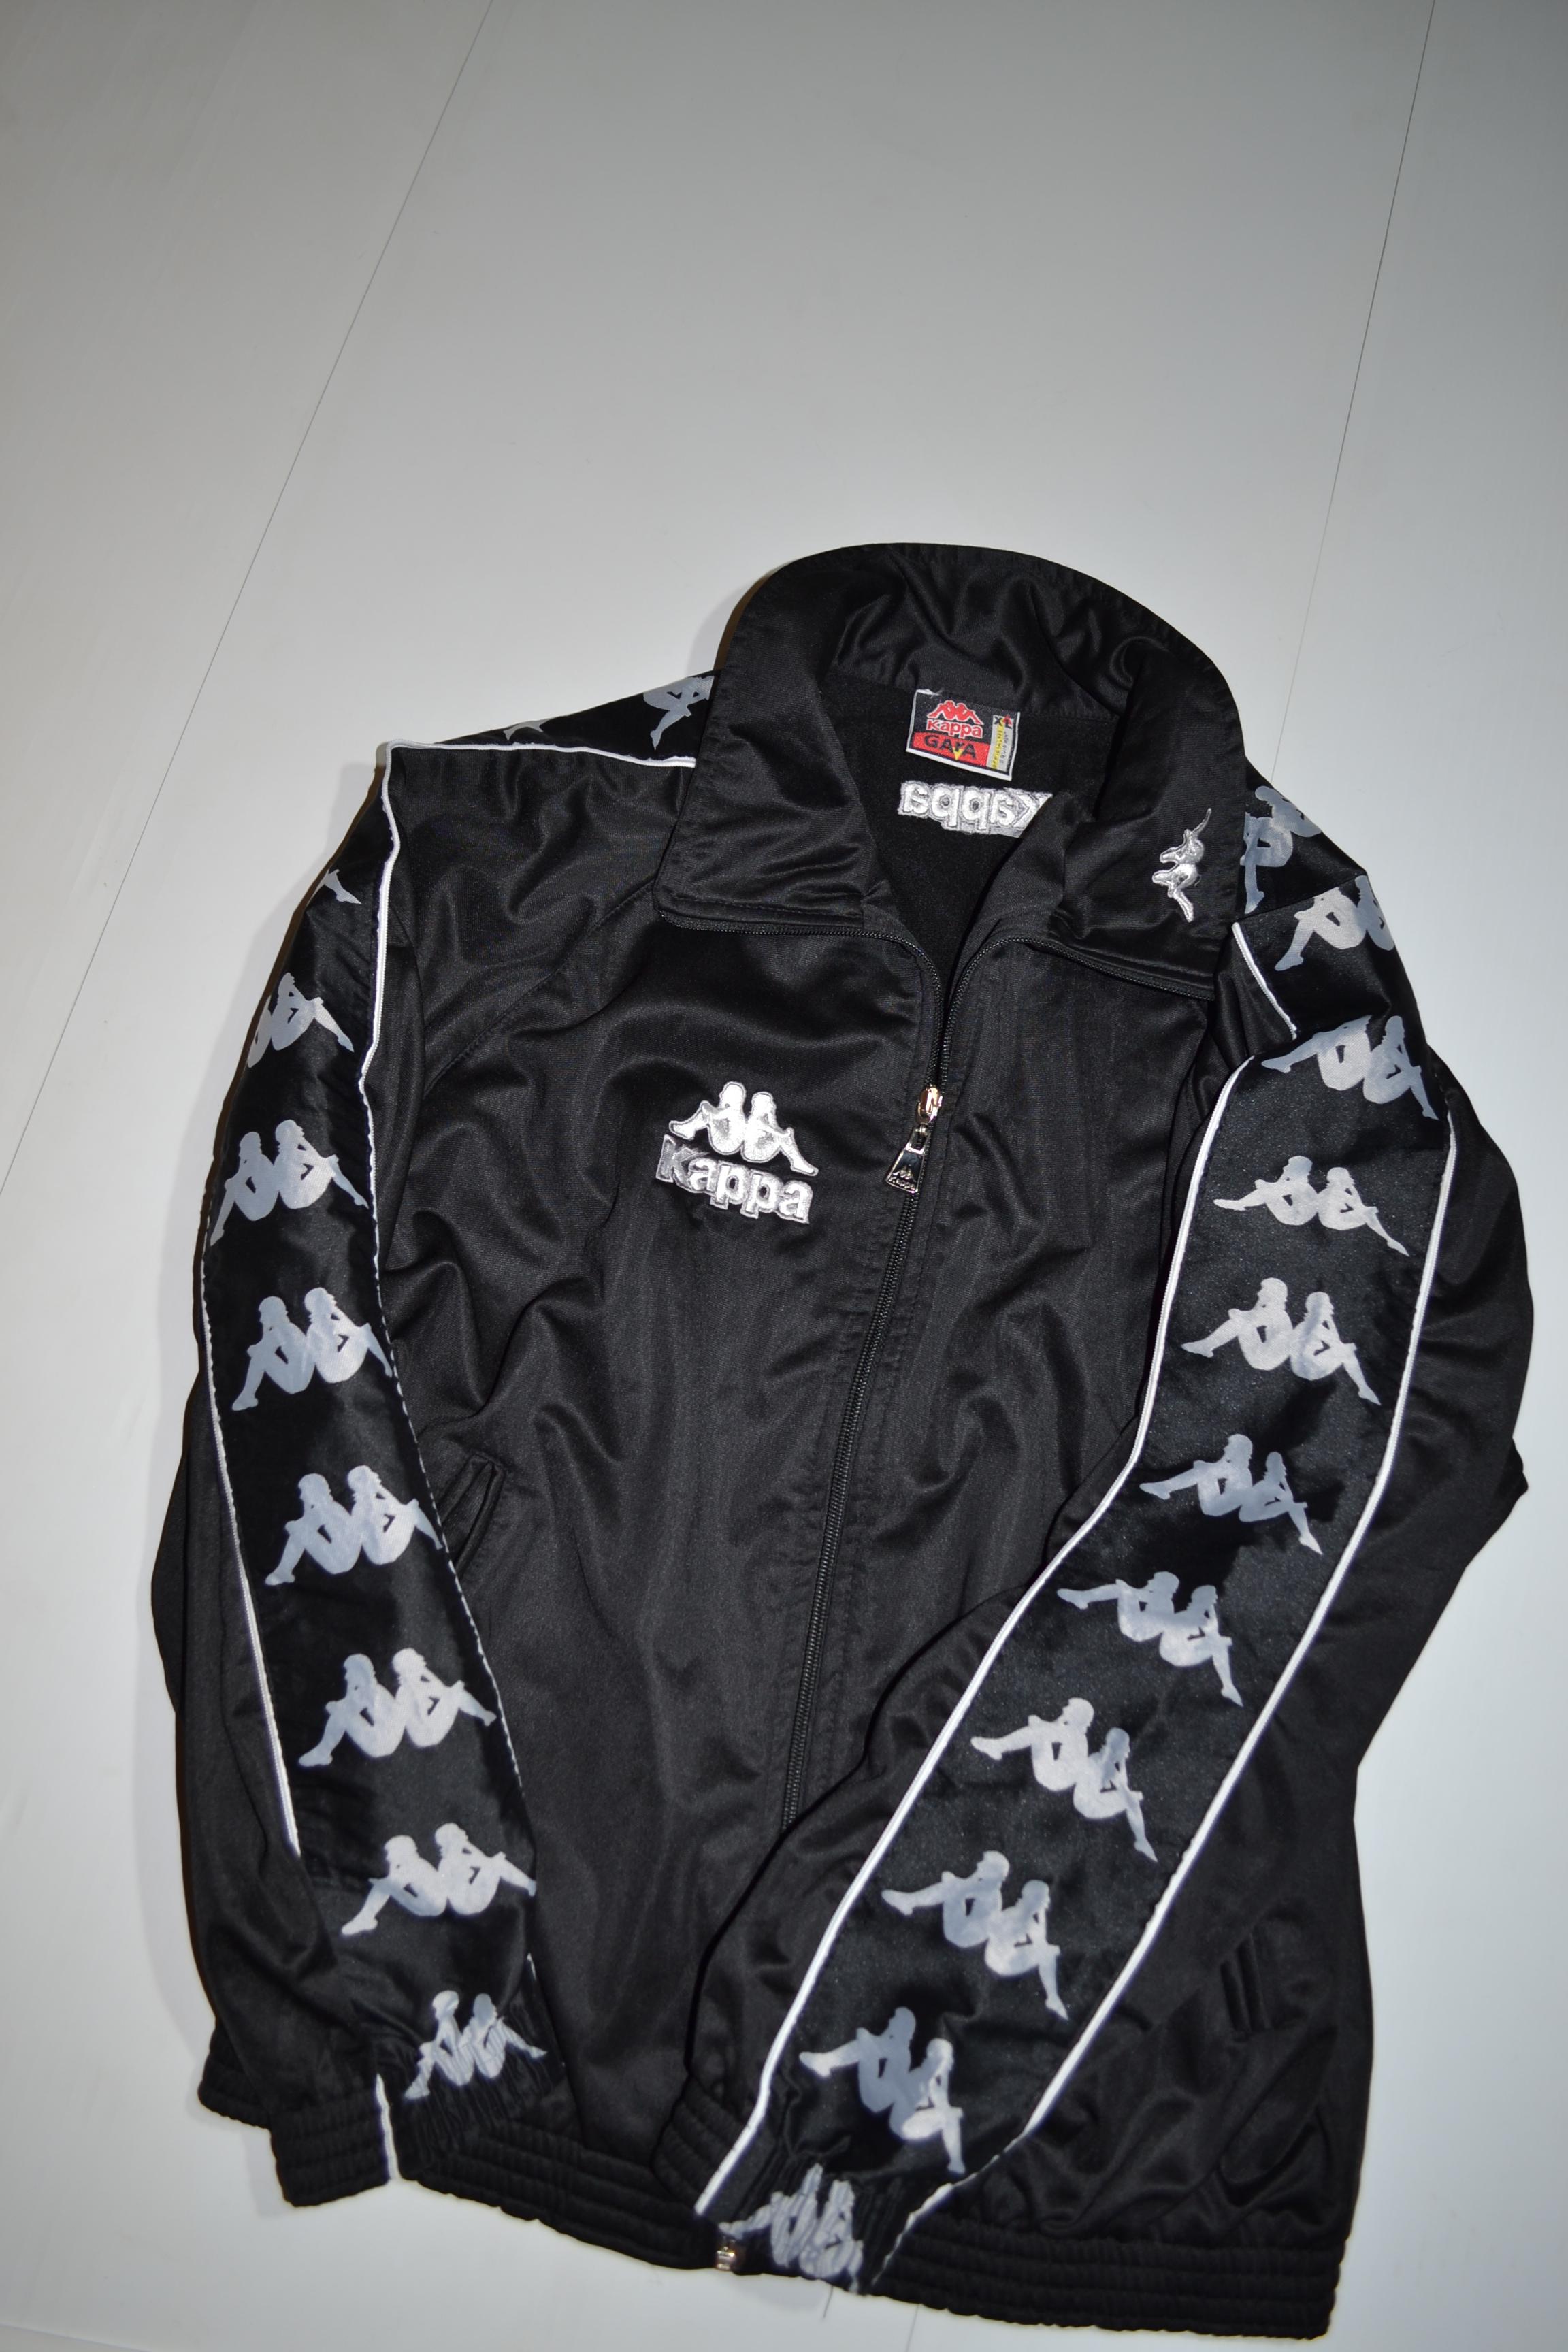 Jacket Sportswear Xl Size Tracksuit With Italian Logo Kappa f7gy6vIYb